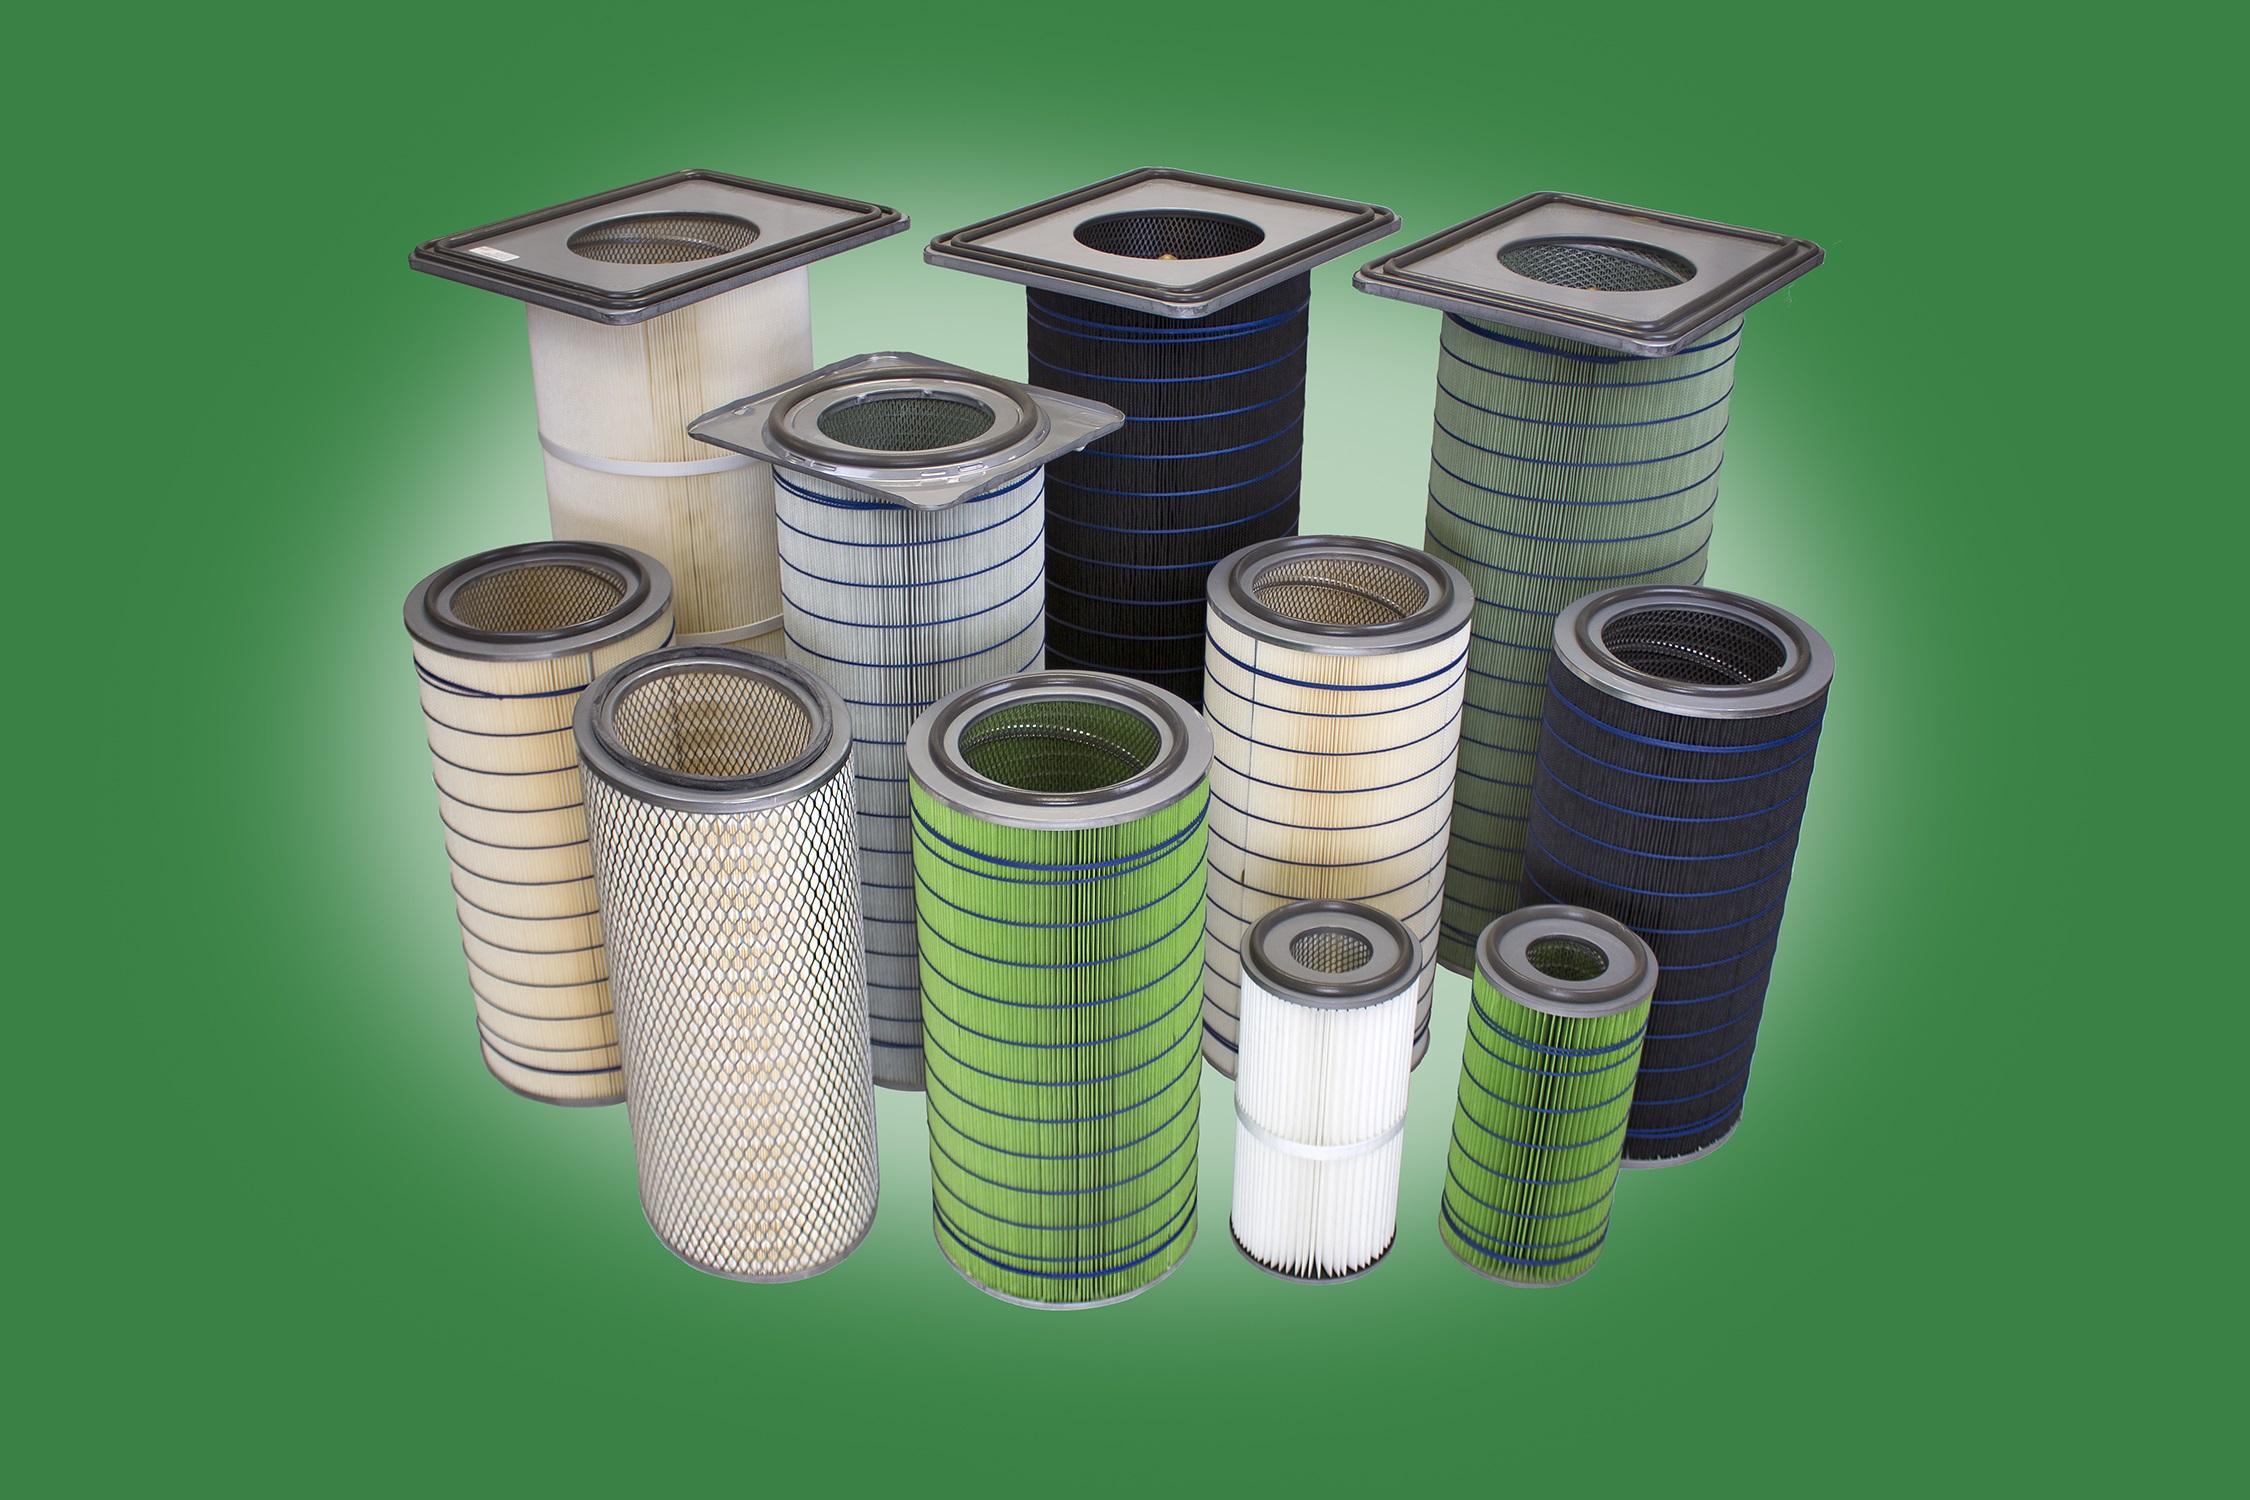 Hemipleat filters